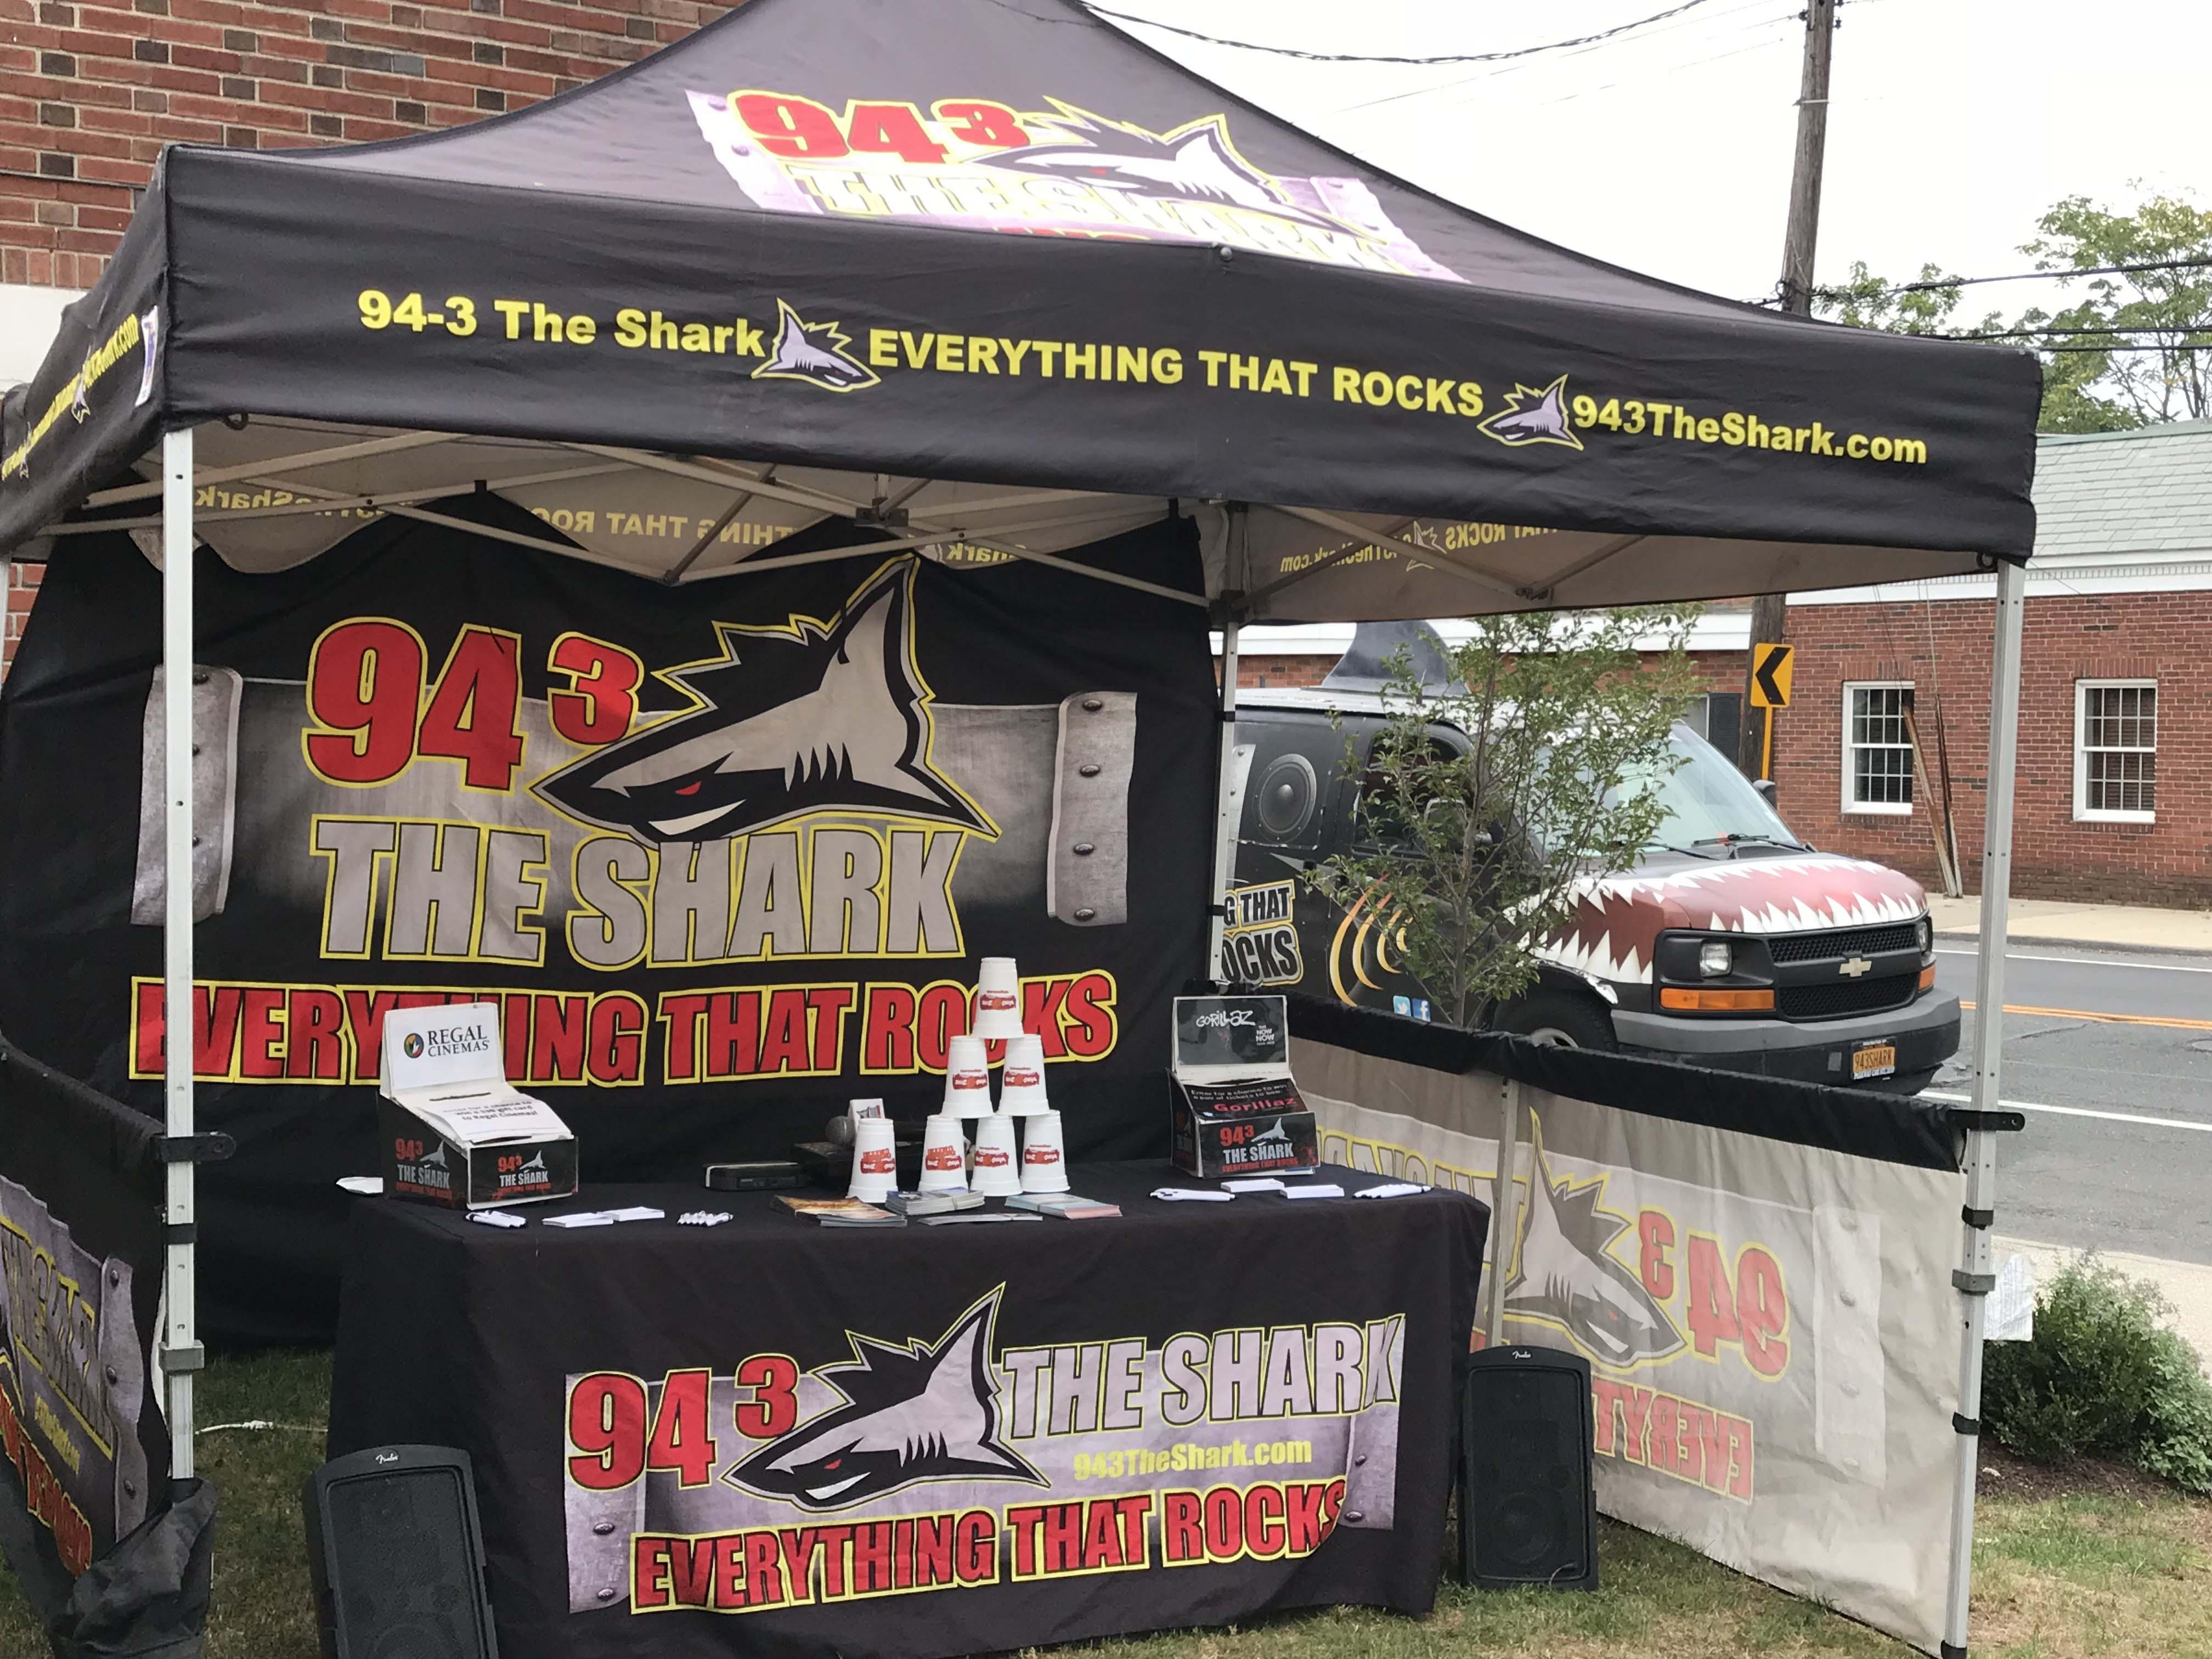 94.3 The Shark at Amityville's Ink & Art